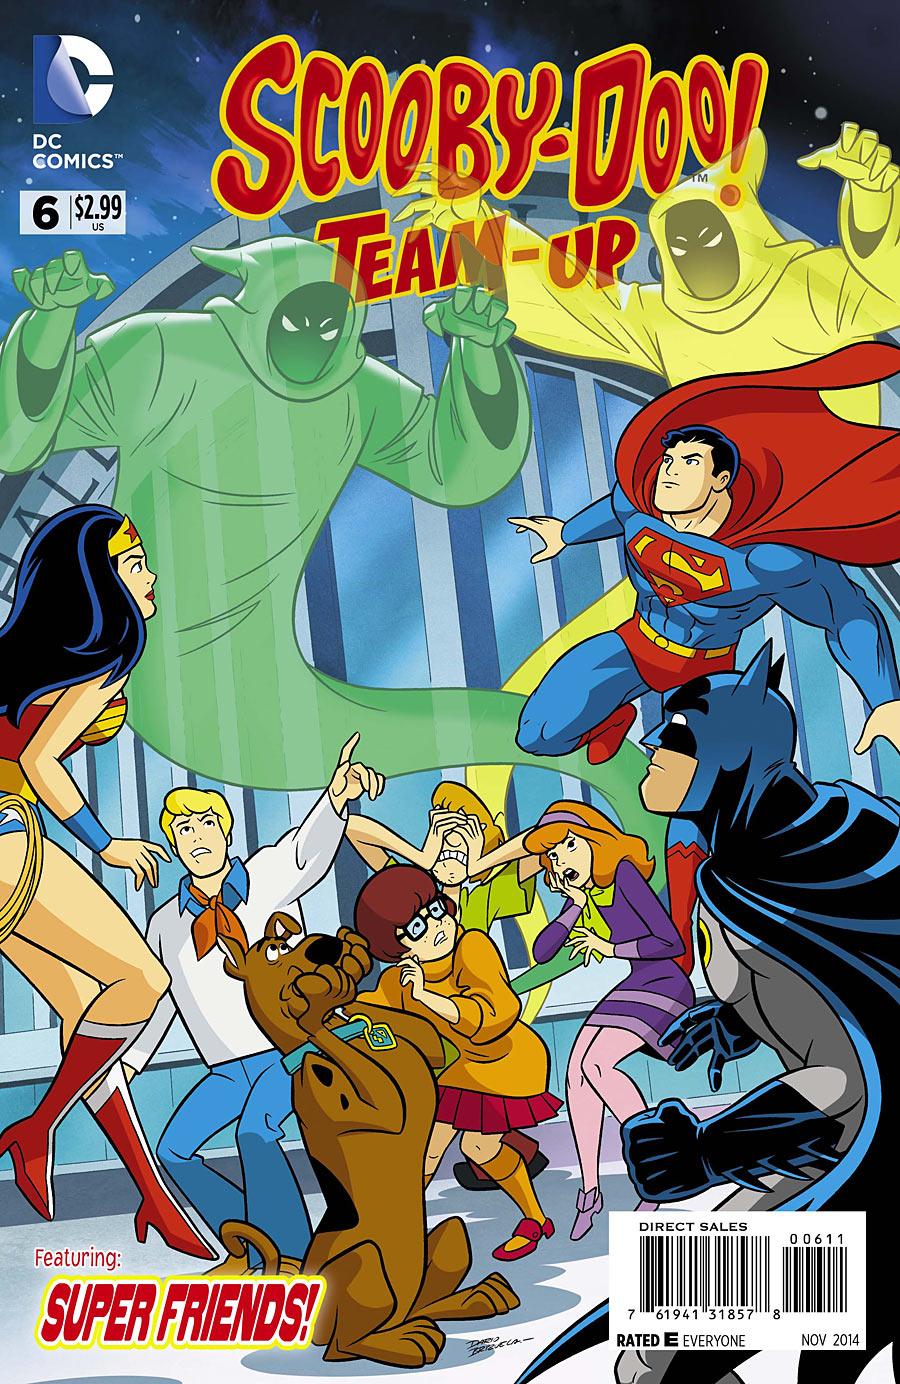 Scooby-Doo! Team-Up Vol 1 6